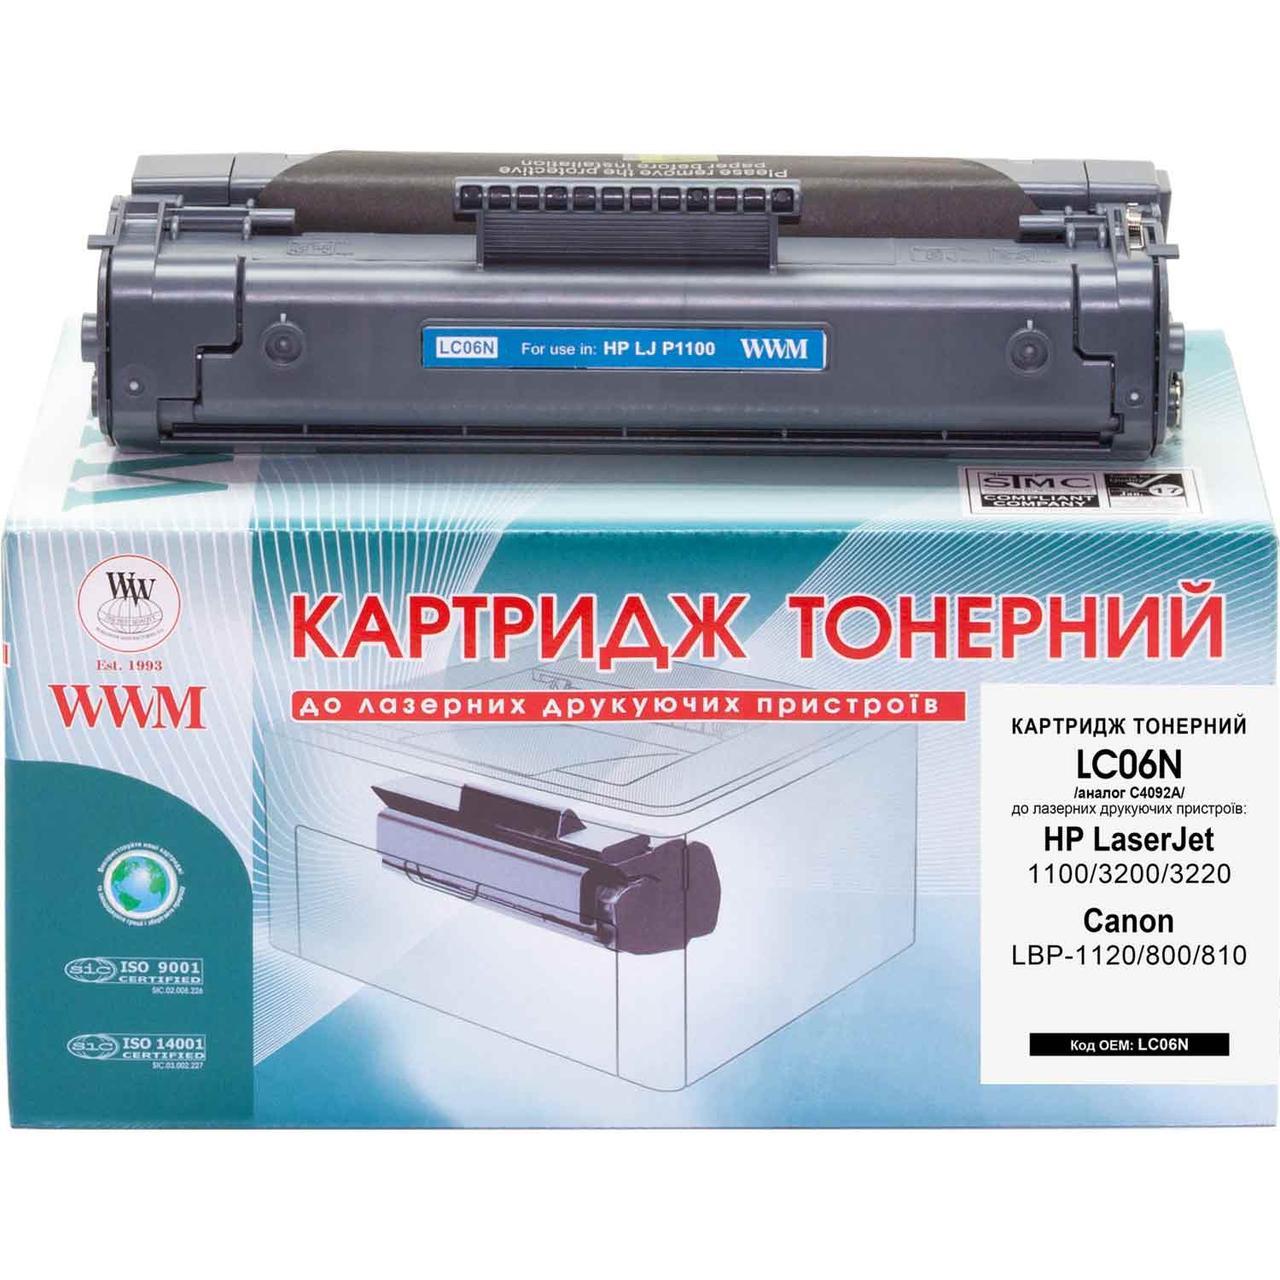 Картридж HP 92A (C4092A), Black, LJ 1100/3200/3220, ресурс 2500 листов, WWM (LC06N)